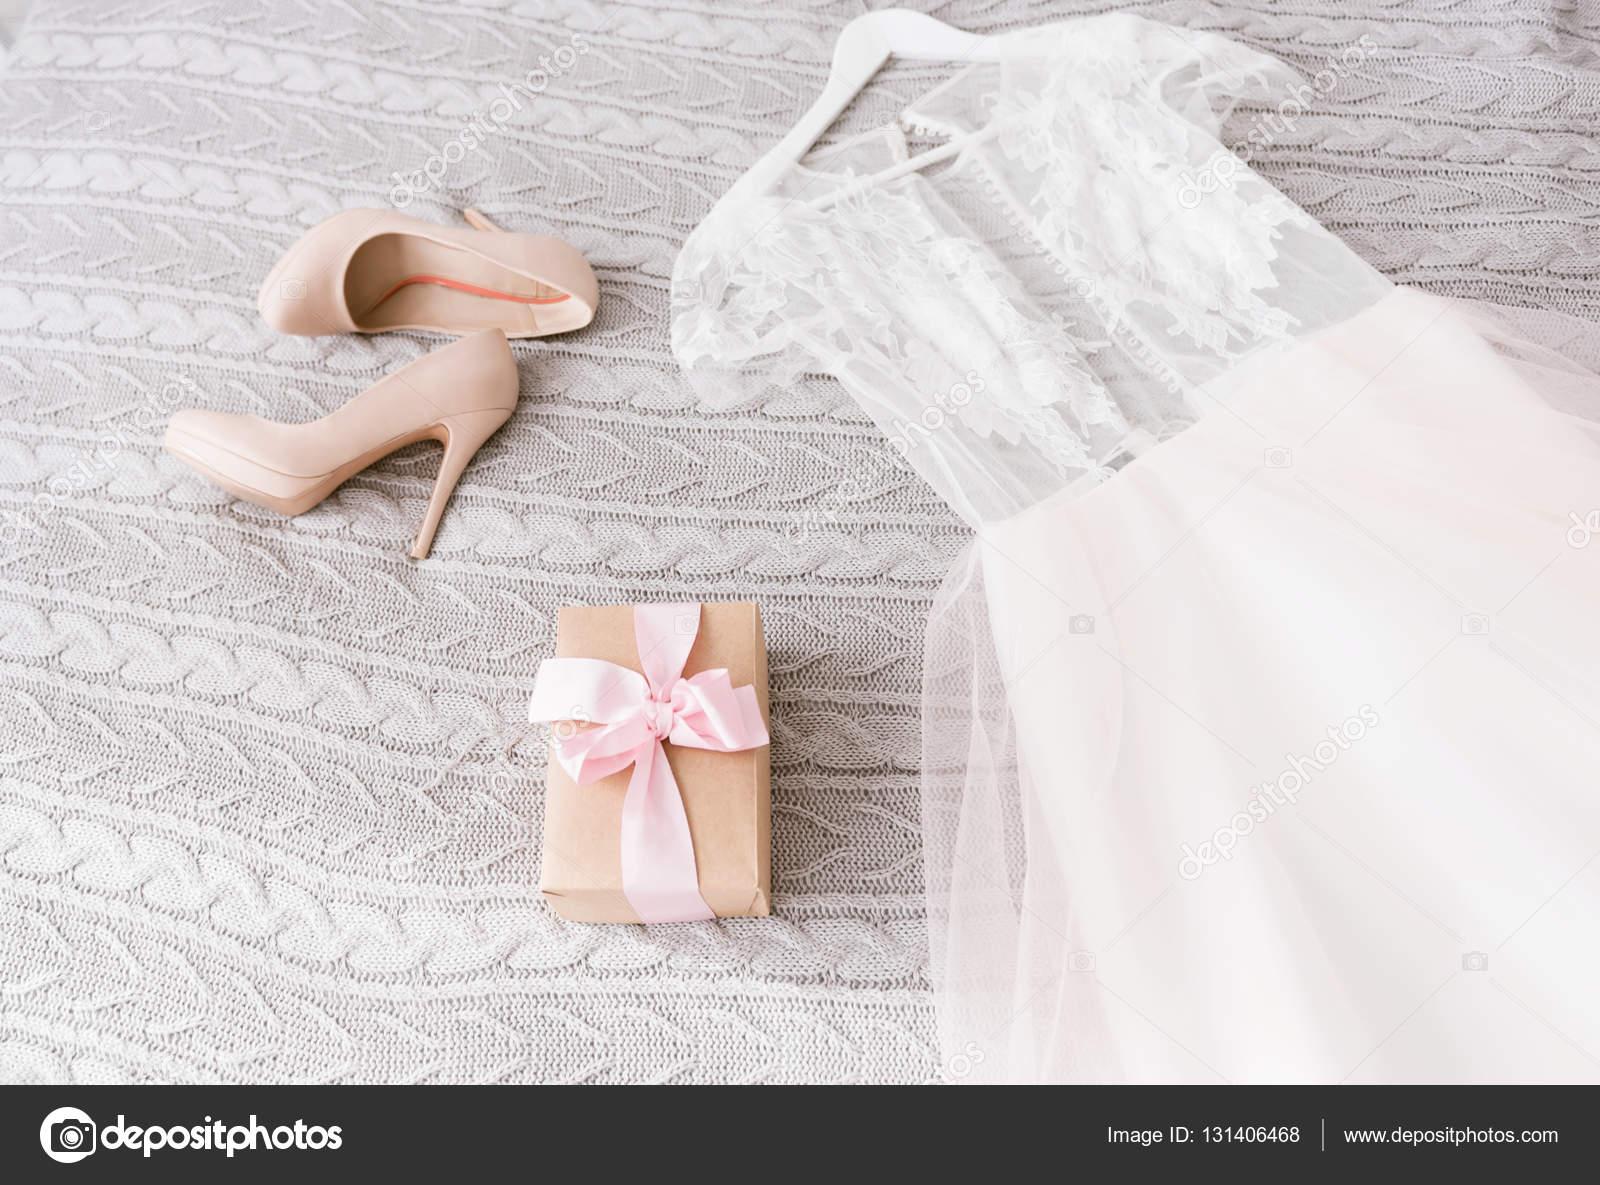 Weiße Hochzeitskleid und Schuhe auf dem Bett liegend — Stockfoto ...